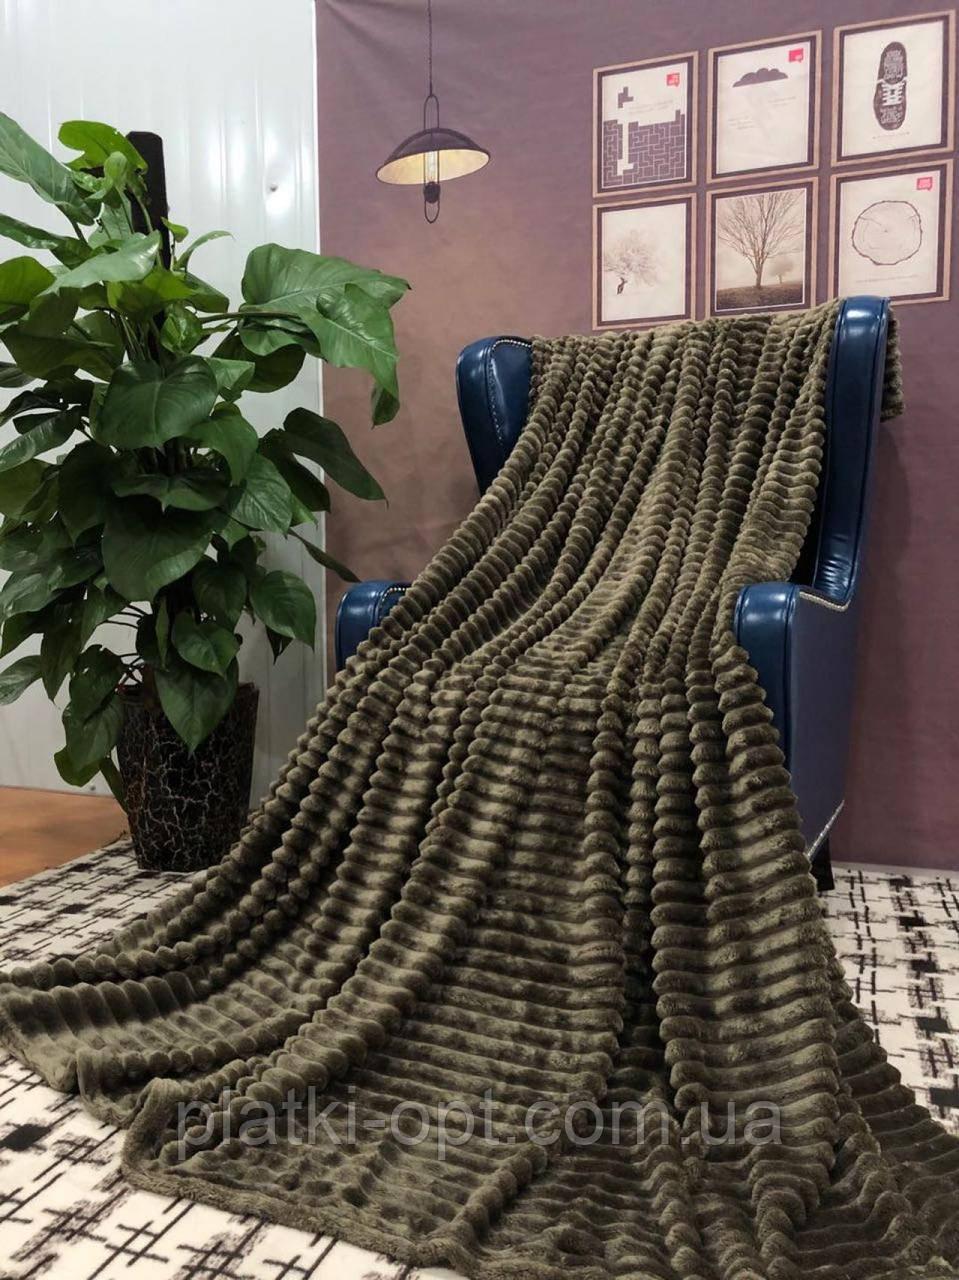 Покрывало велюровое полоса (темно-оливковое) 200х230 см